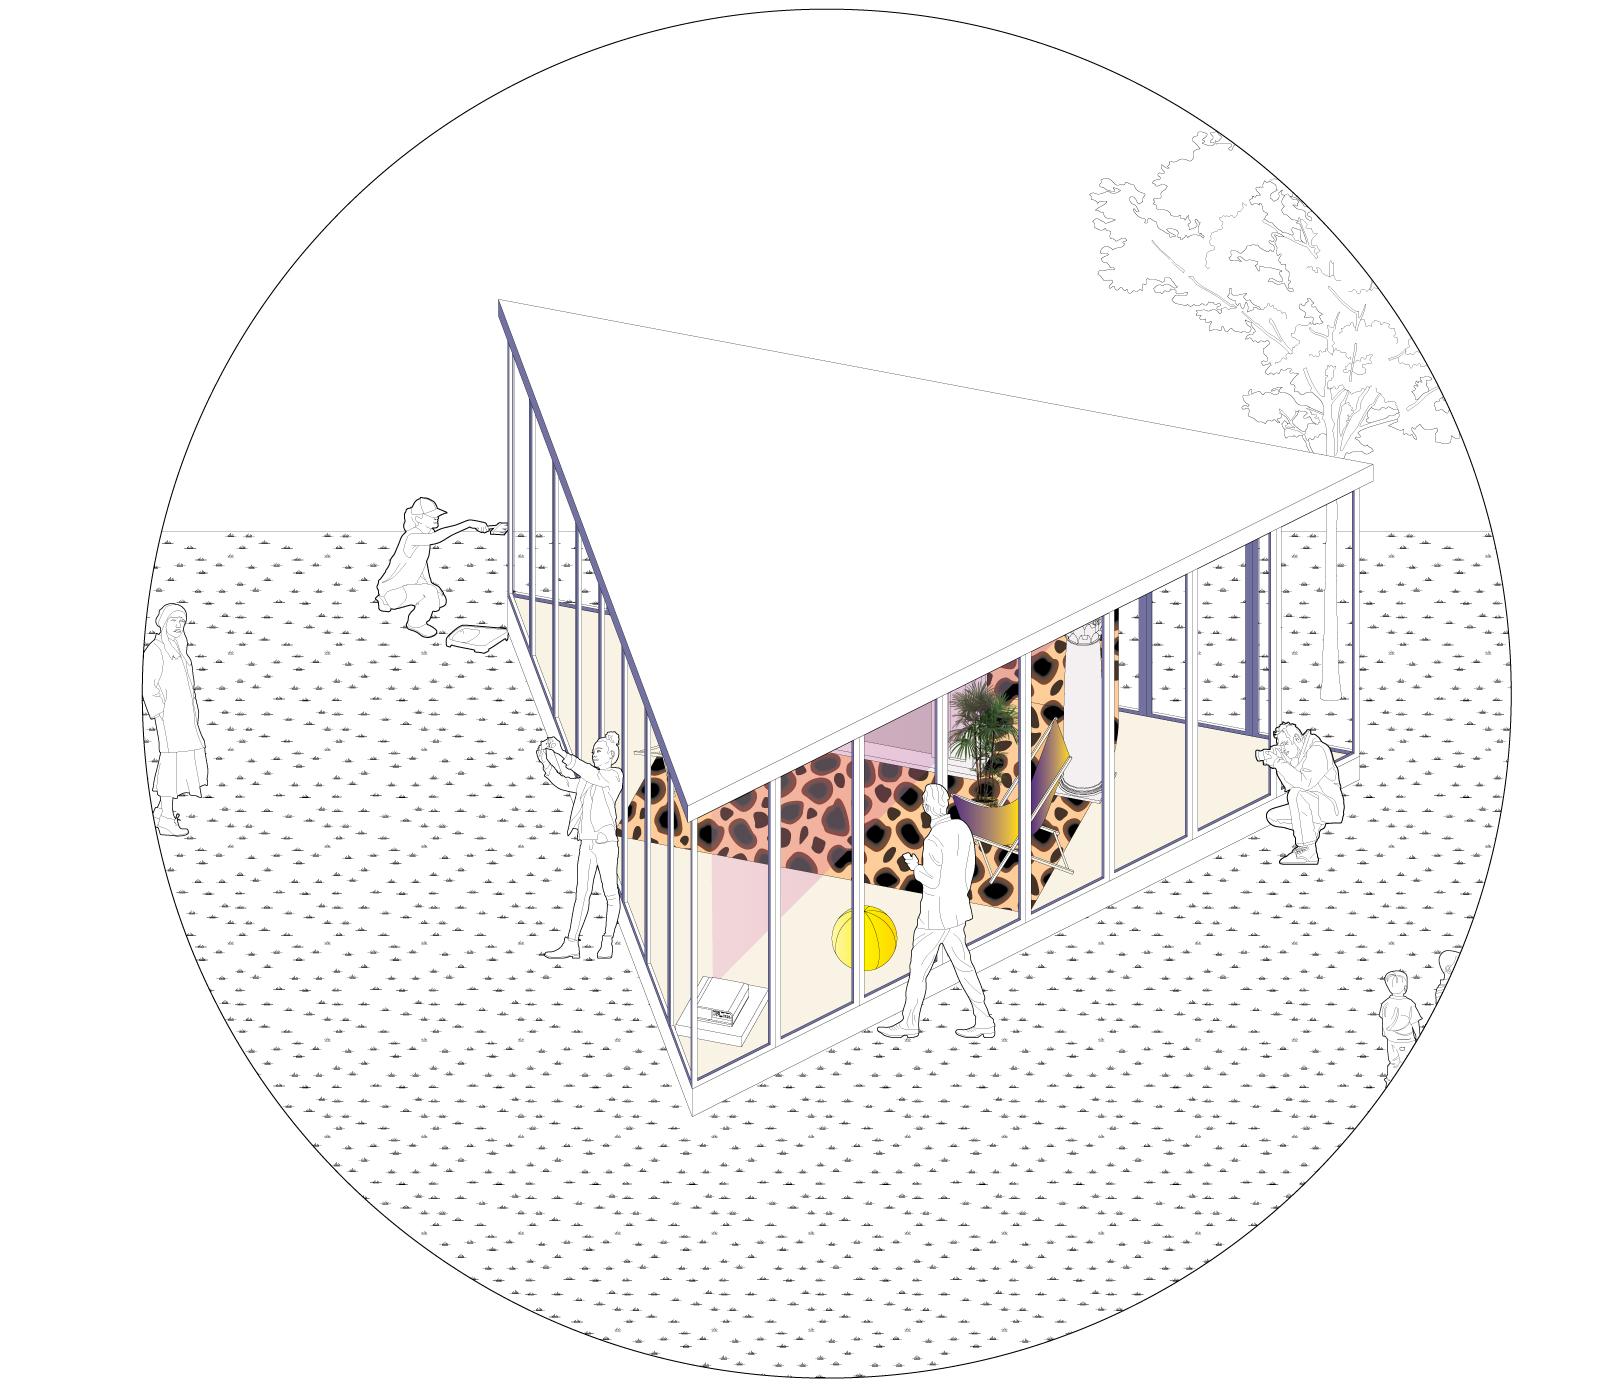 paviljoen_school_architect_duurzaam_flexibel